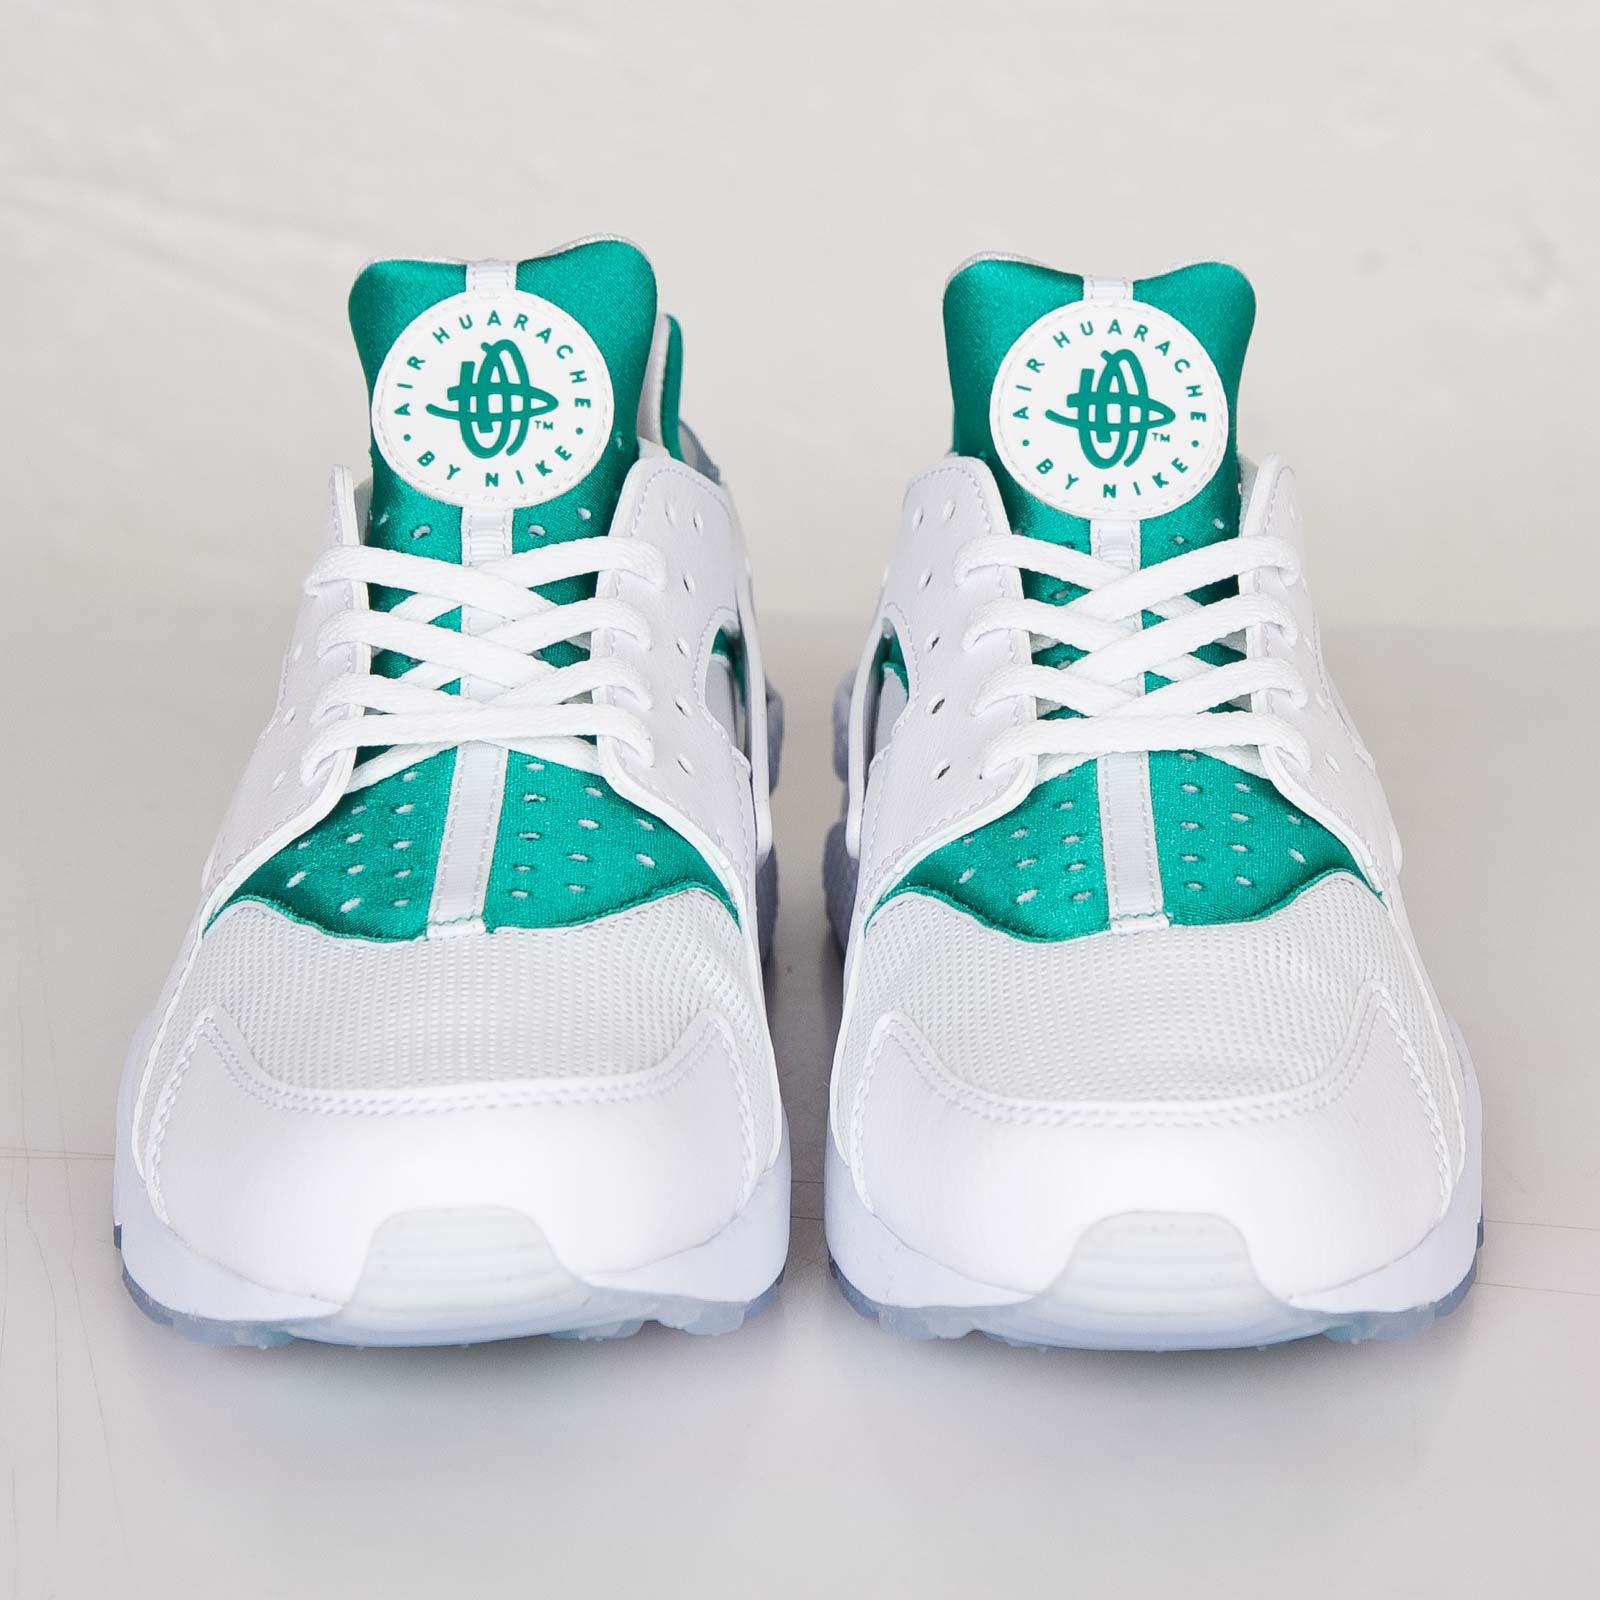 a874d9f71634f Nike Air Huarache Run Premium - 704830-130 - Sneakersnstuff ...